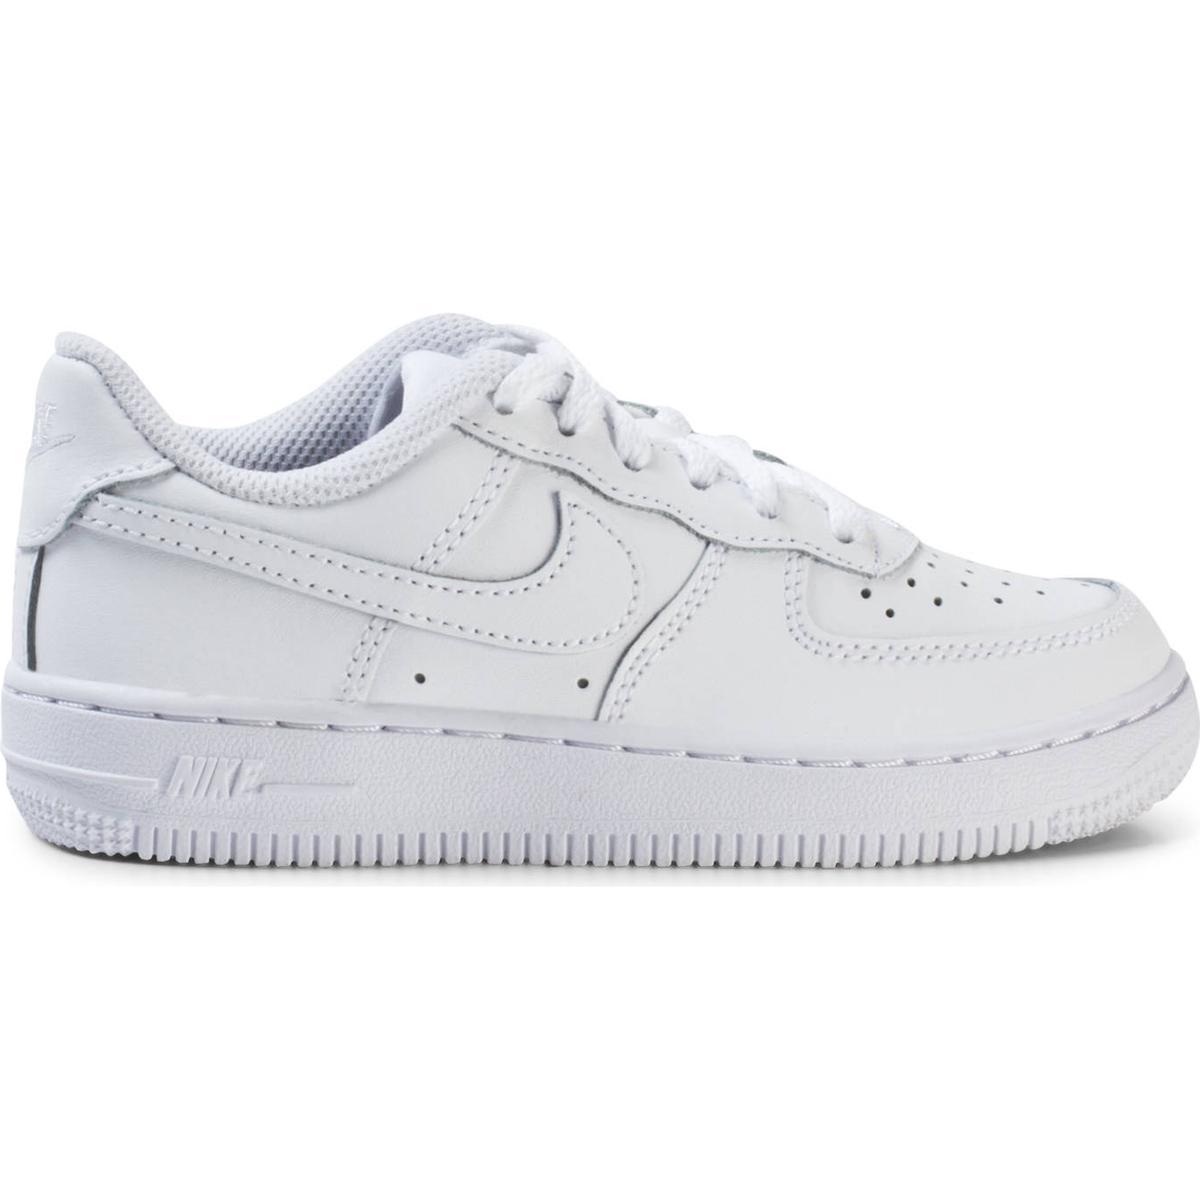 356b46af236 Nike Børnesko - Sammenlign priser hos PriceRunner